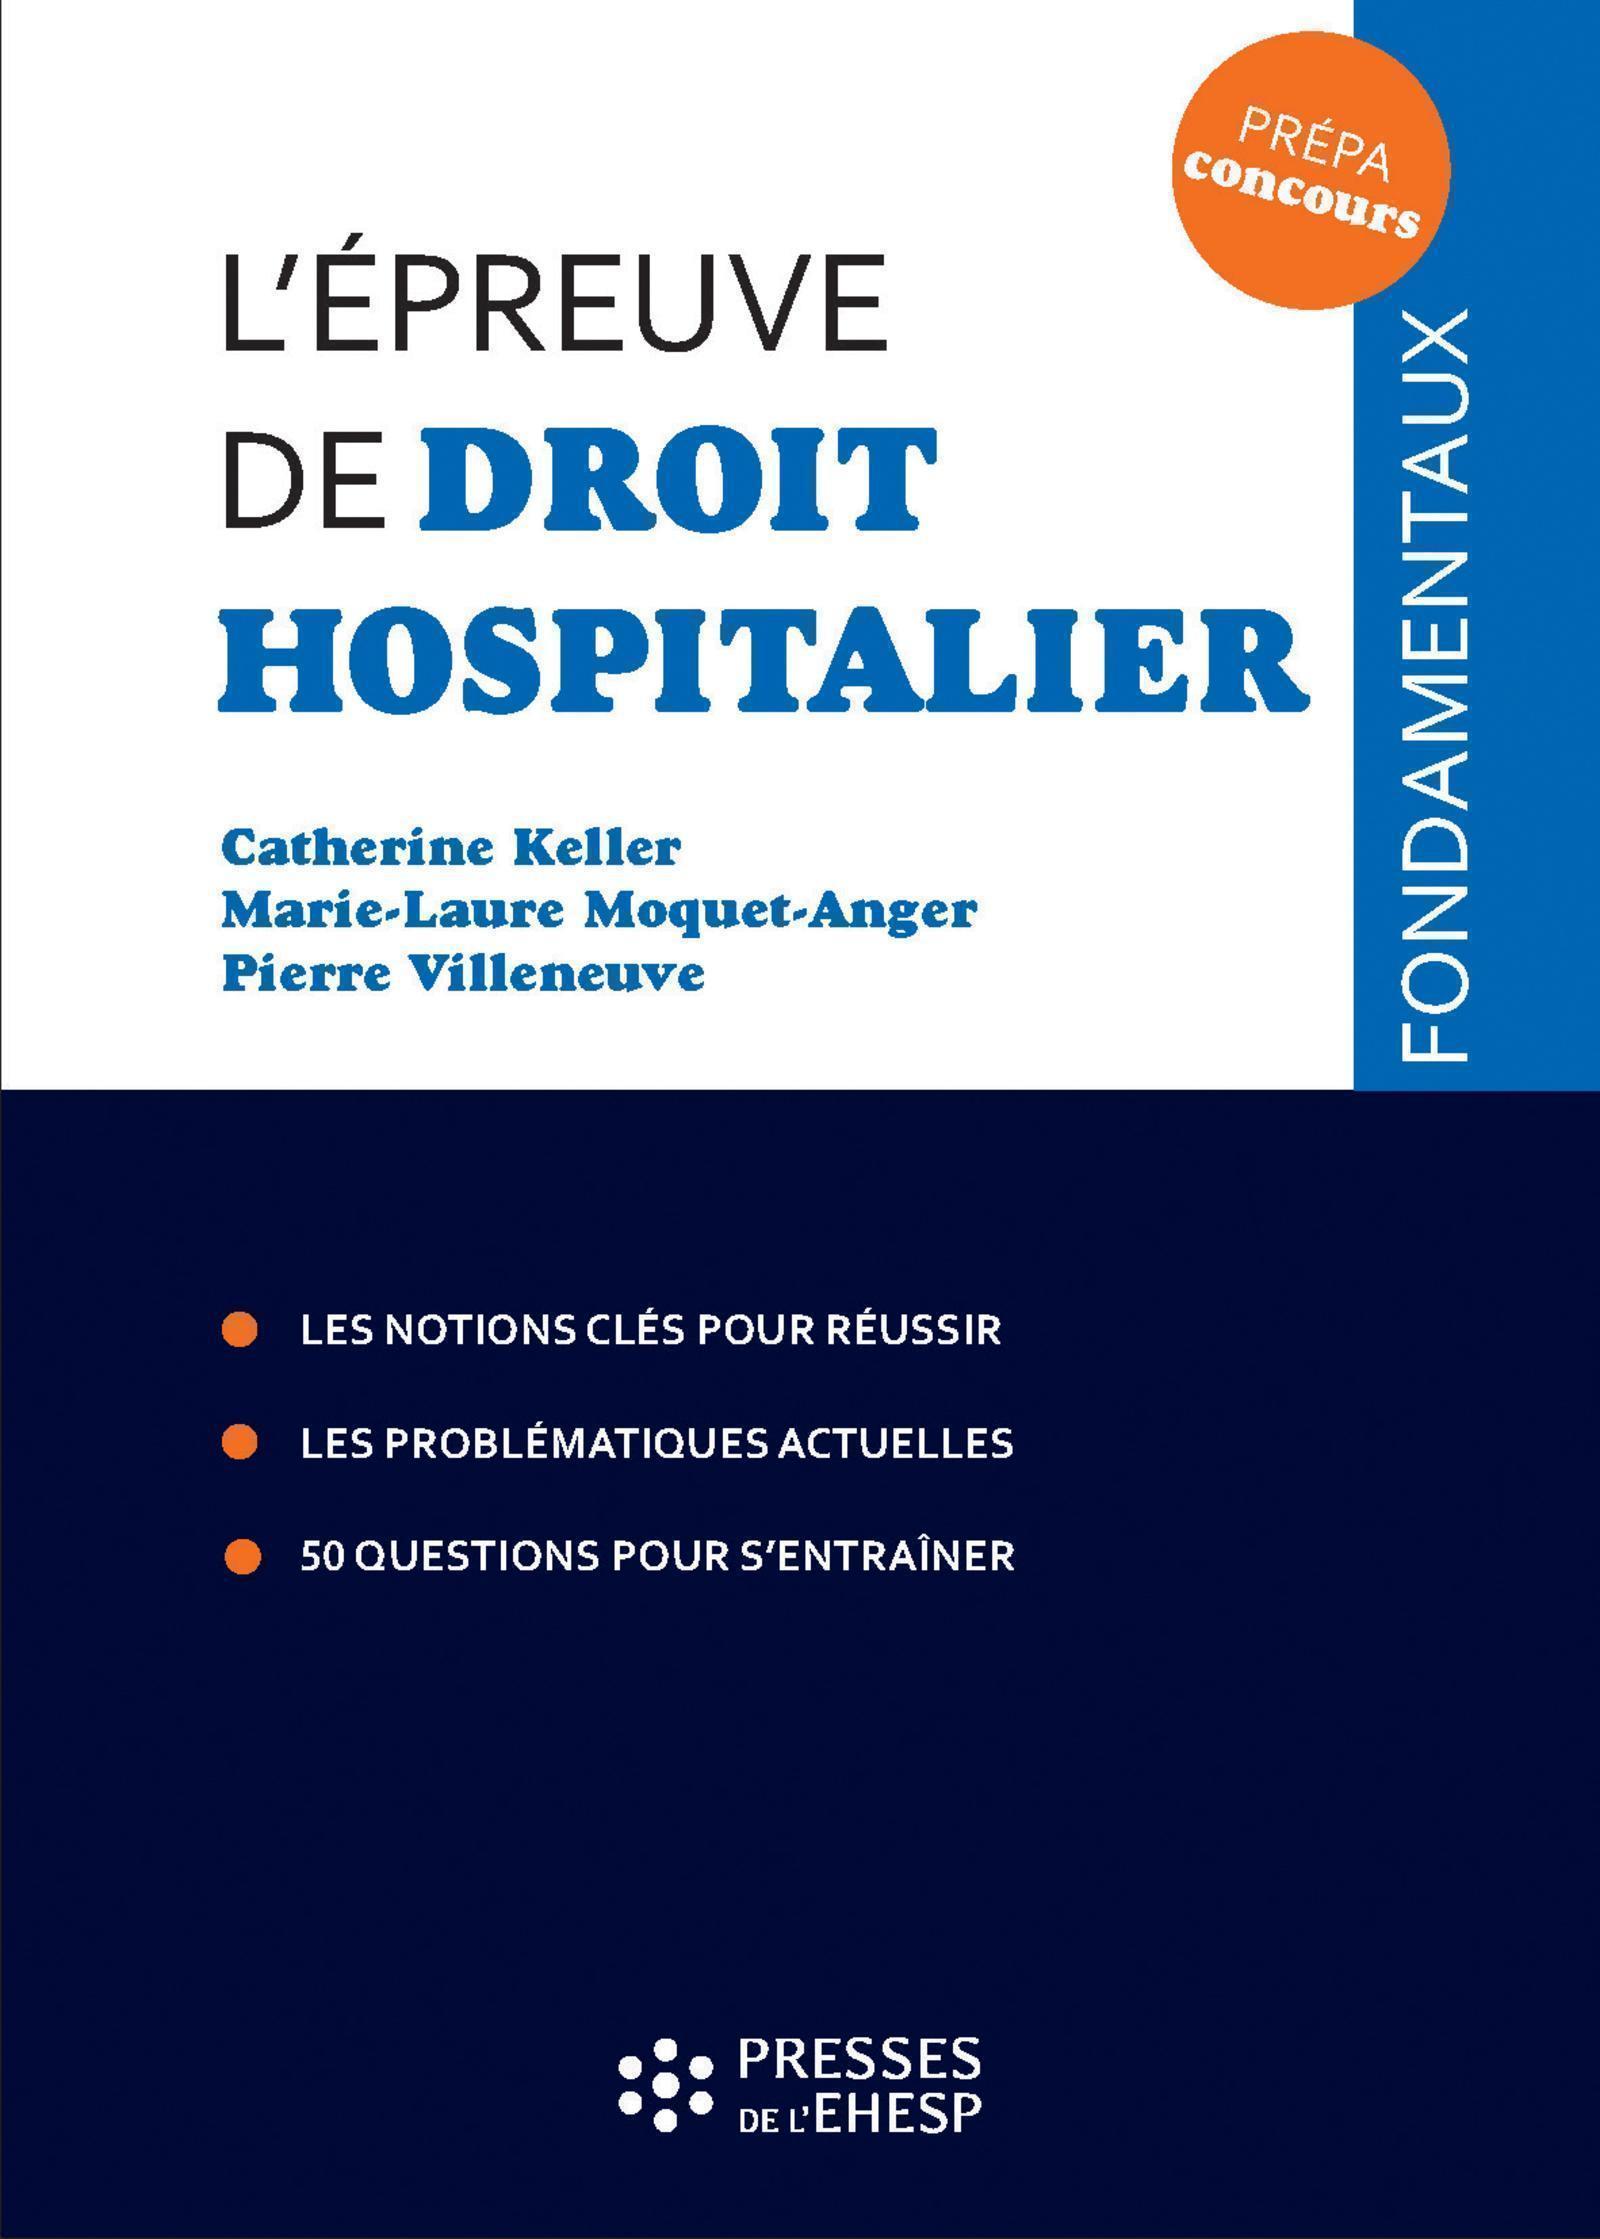 L EPREUVE DE DROIT HOSPITALIER - LES NOTIONS CLES POUR REUSSIR  LES PROBLEMATIQUES ACTUELLES  LES DE